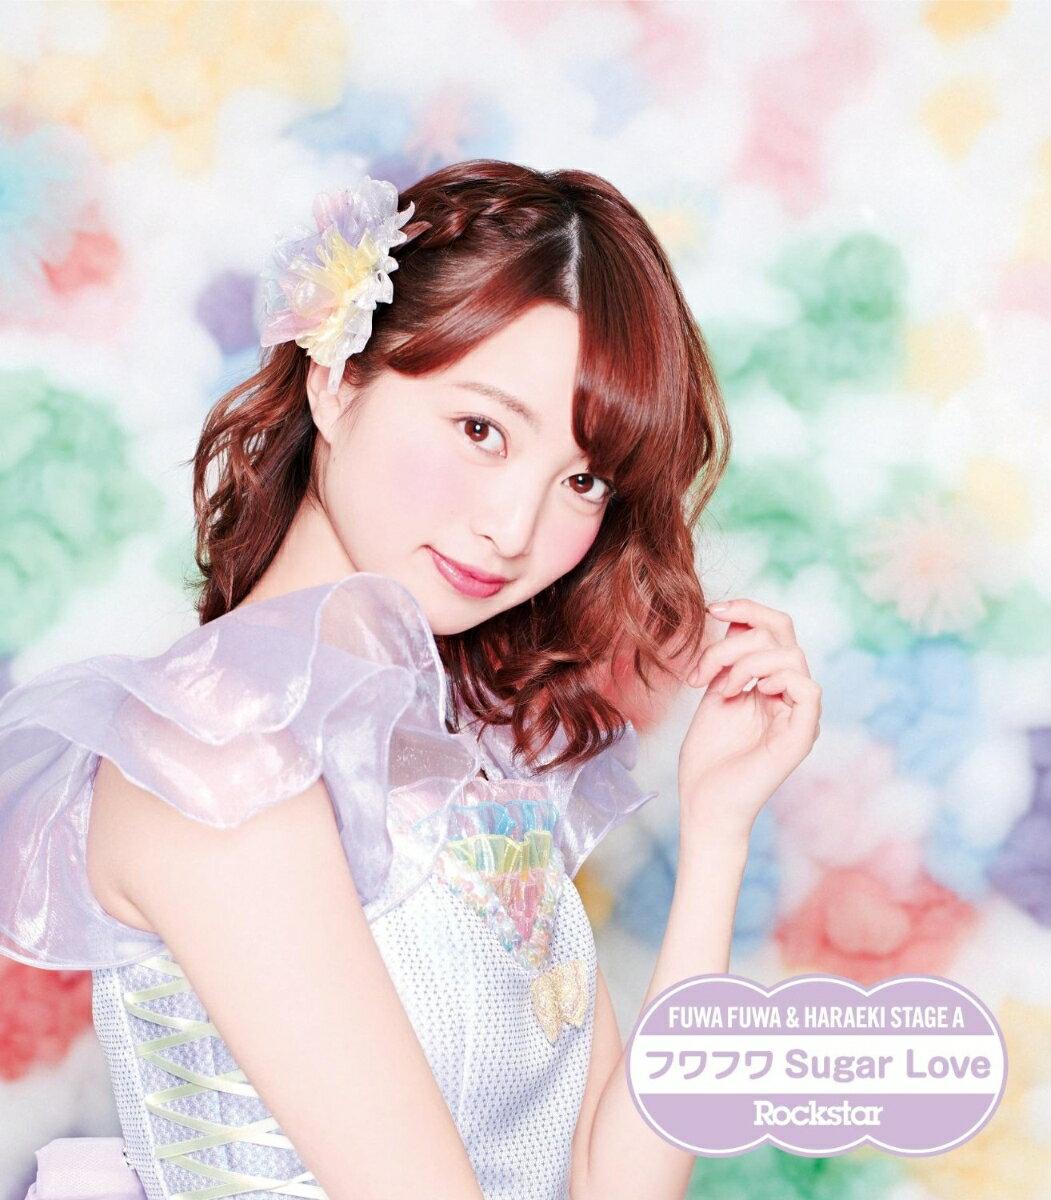 Rockstar/フワフワSugar Love (ふわふわ赤坂星南ソロジャケットver) [ 原駅ステージA&ふわふわ ]